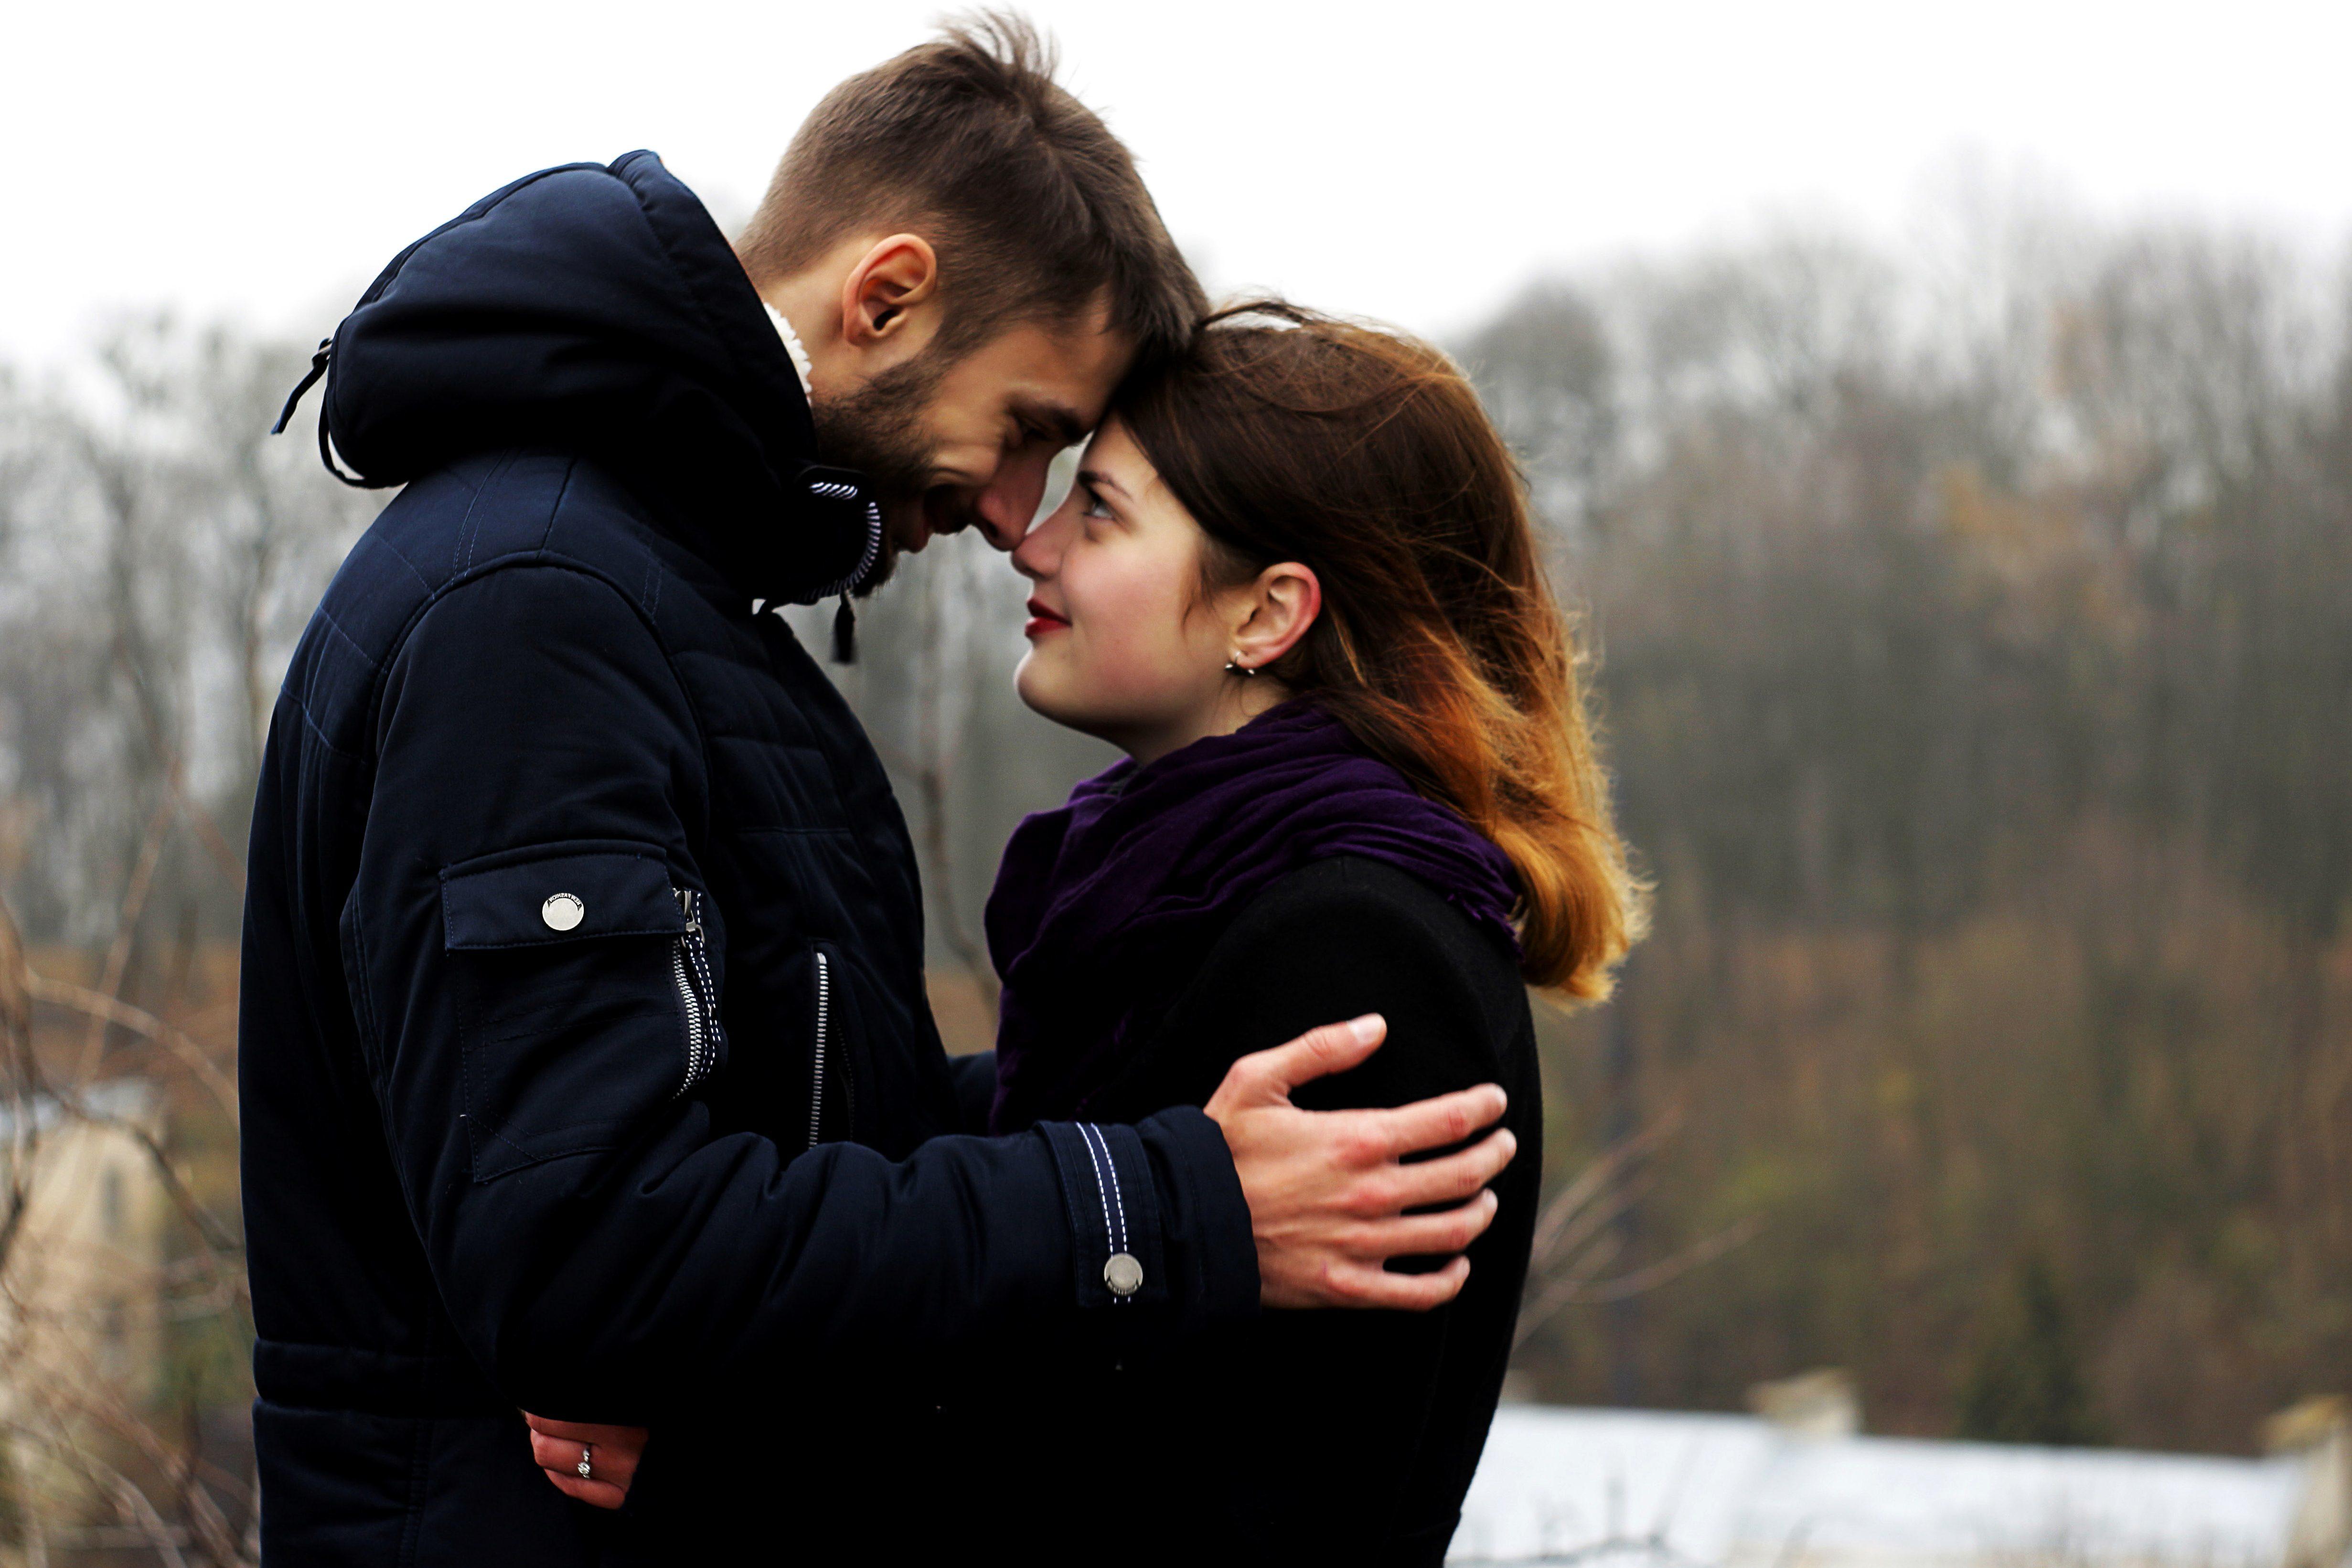 par hengivenheder for dating par fortsæt dating din kæreste